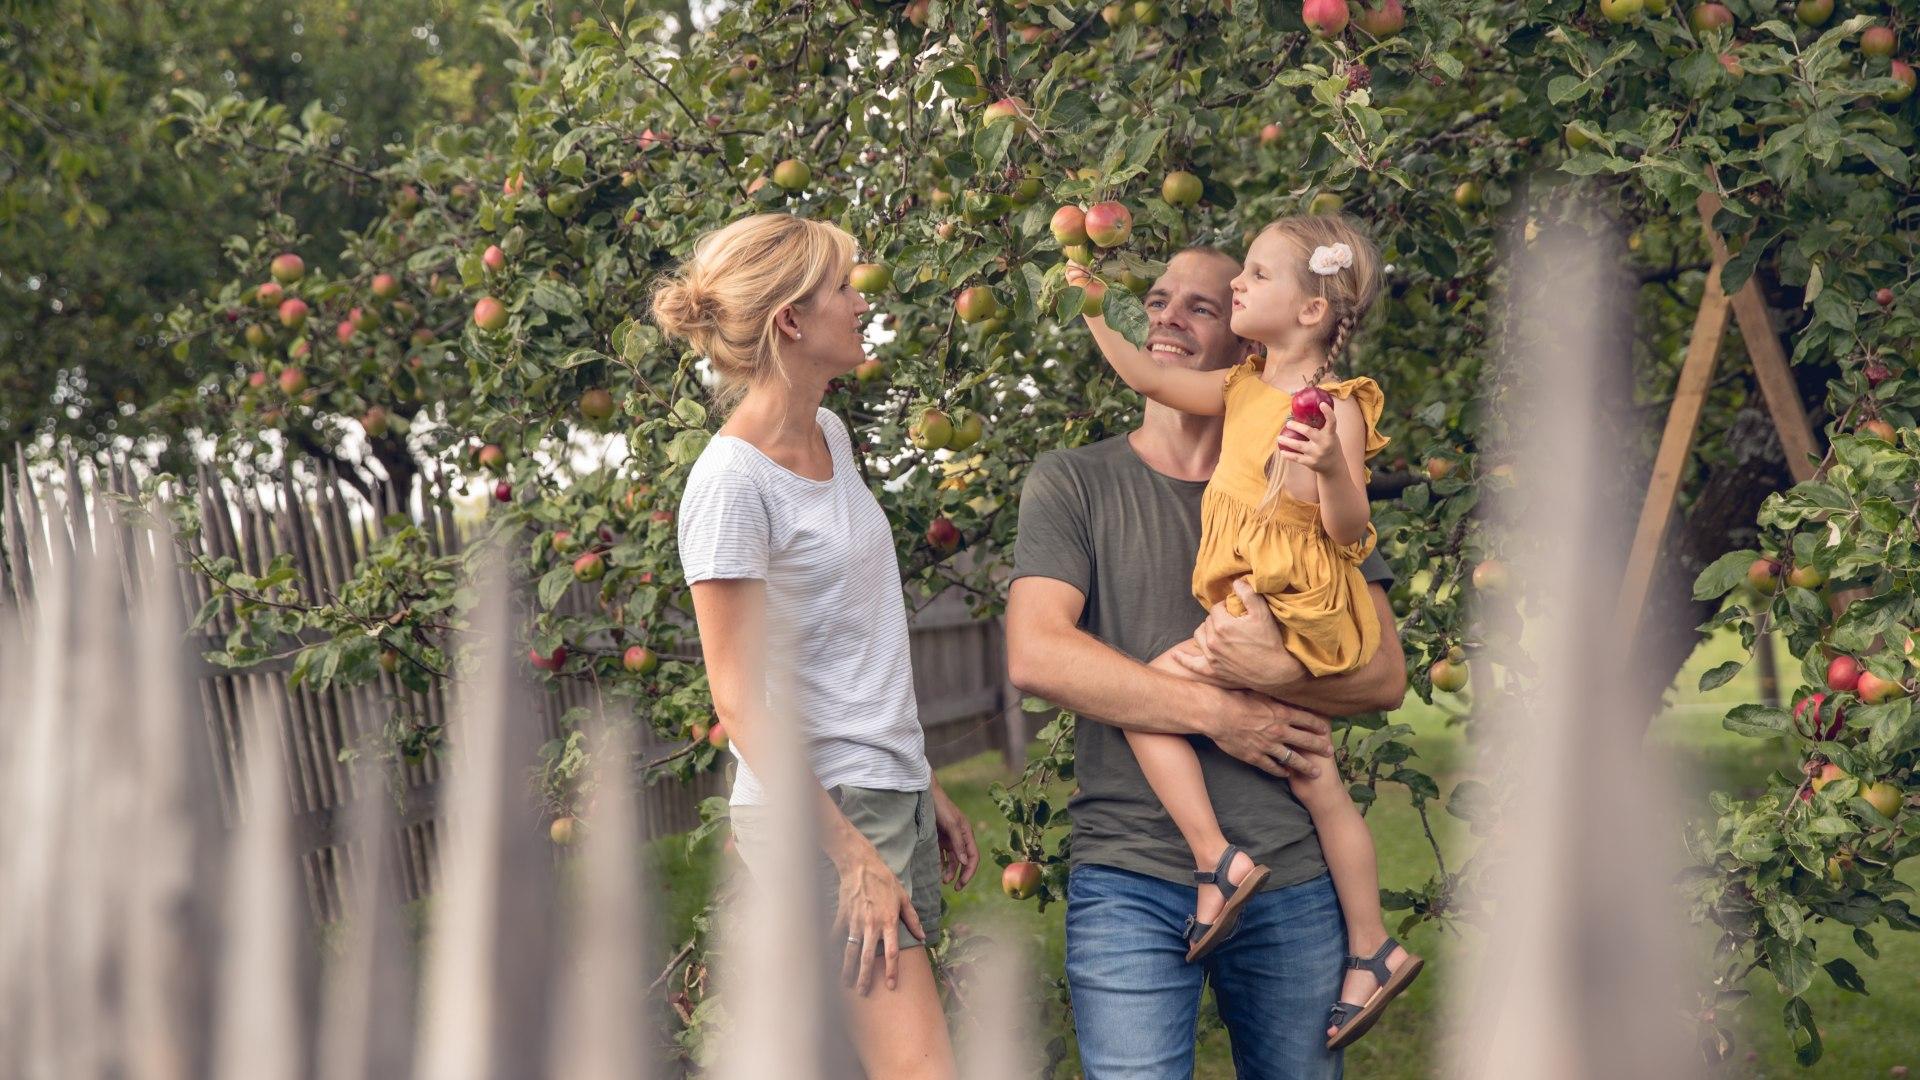 Familie beim Apfelpflücken, © Hansi Heckmair